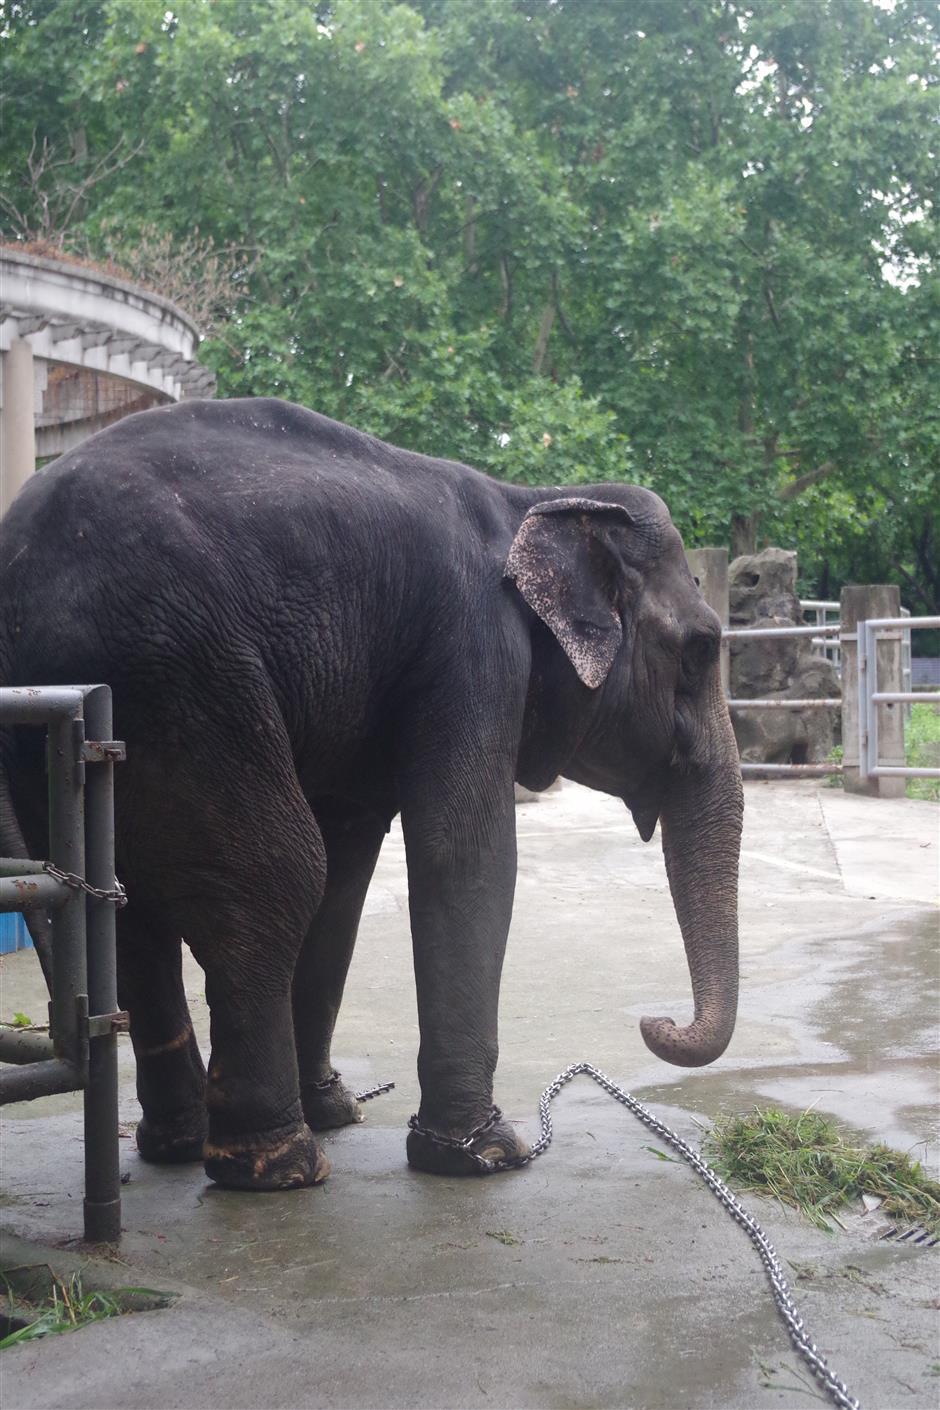 Beloved elephant Banna survives heatstroke after emergency care